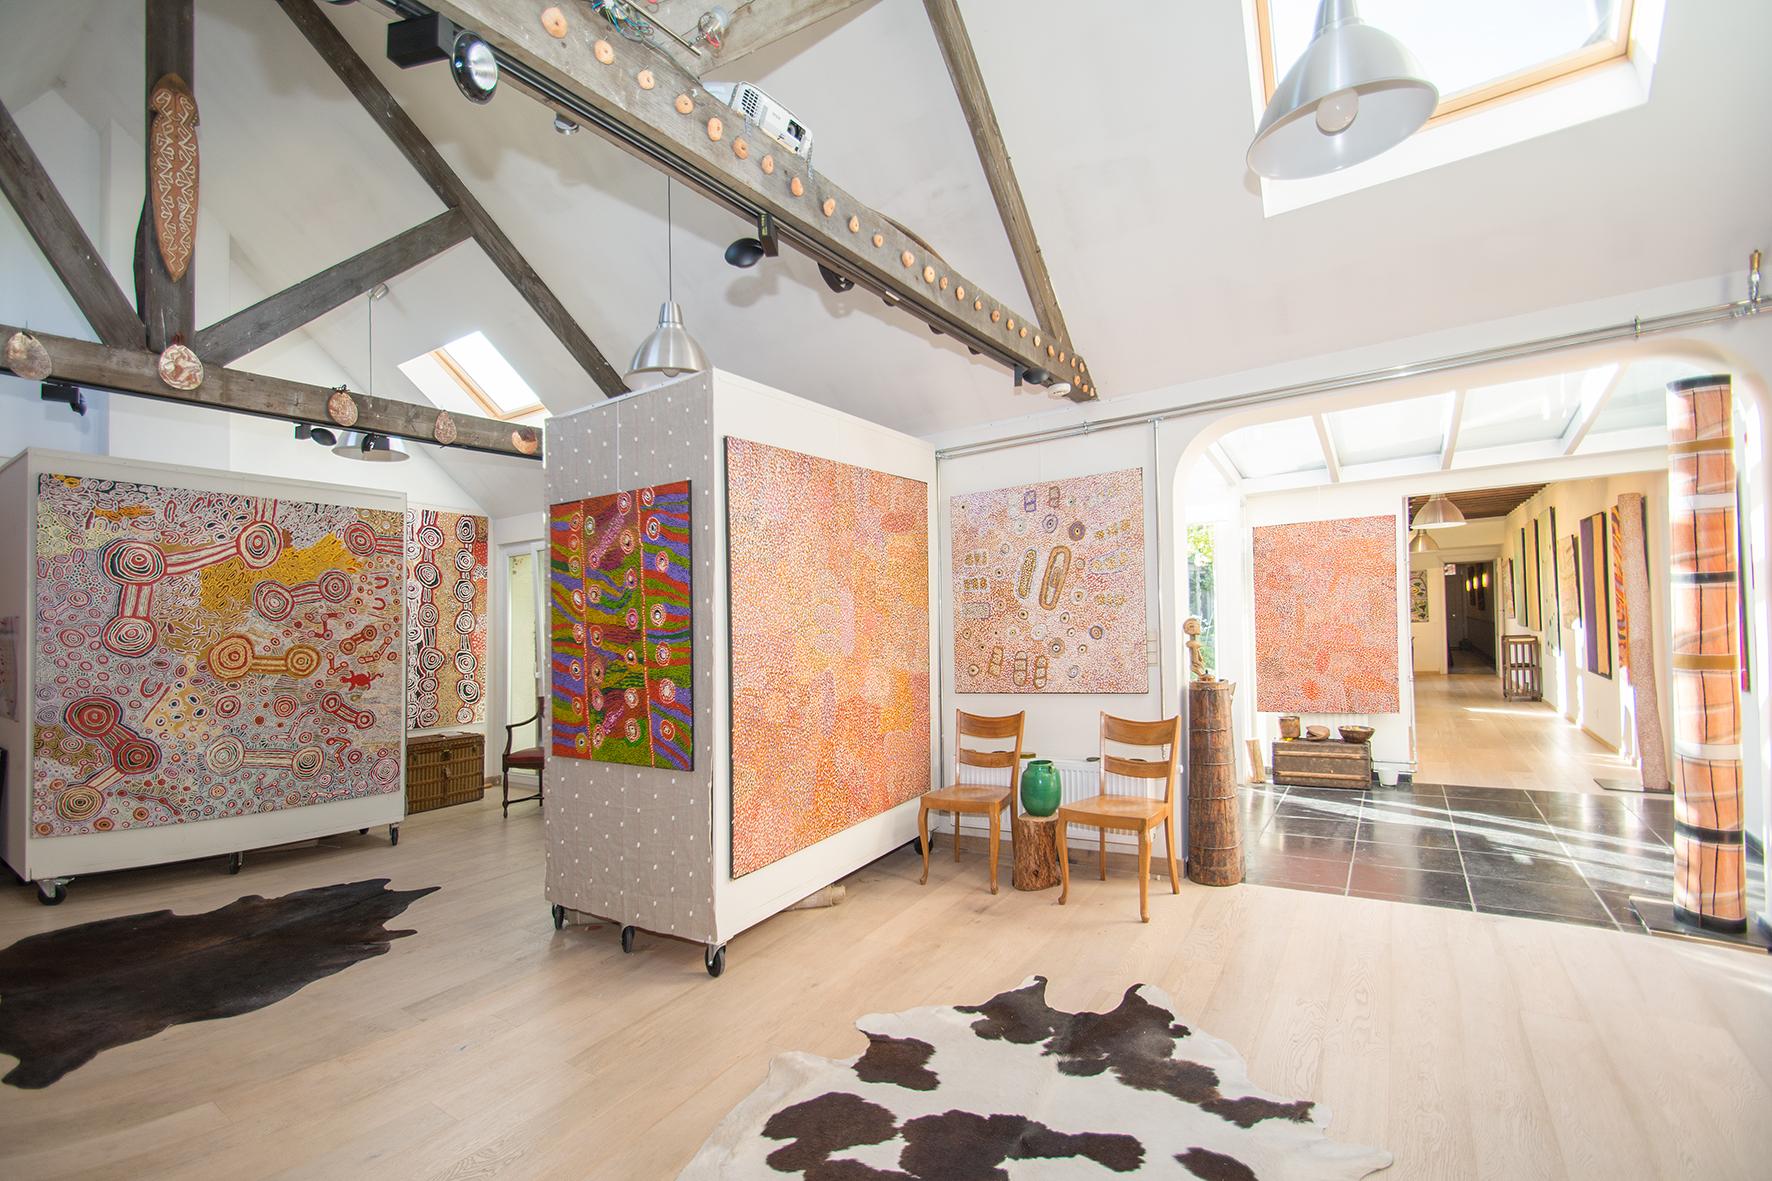 """A partir de la 4e œuvres à gauche, toiles des artistes Ngupulya Pumani, et Tuppy Ngintja Goodwin, Ngupulya Pumani... En partenariat avec Mimili Maku Arts. Toiles présentées lors de l'exposition """"Paysages Aborigènes incarnés du désert (APY land)""""."""